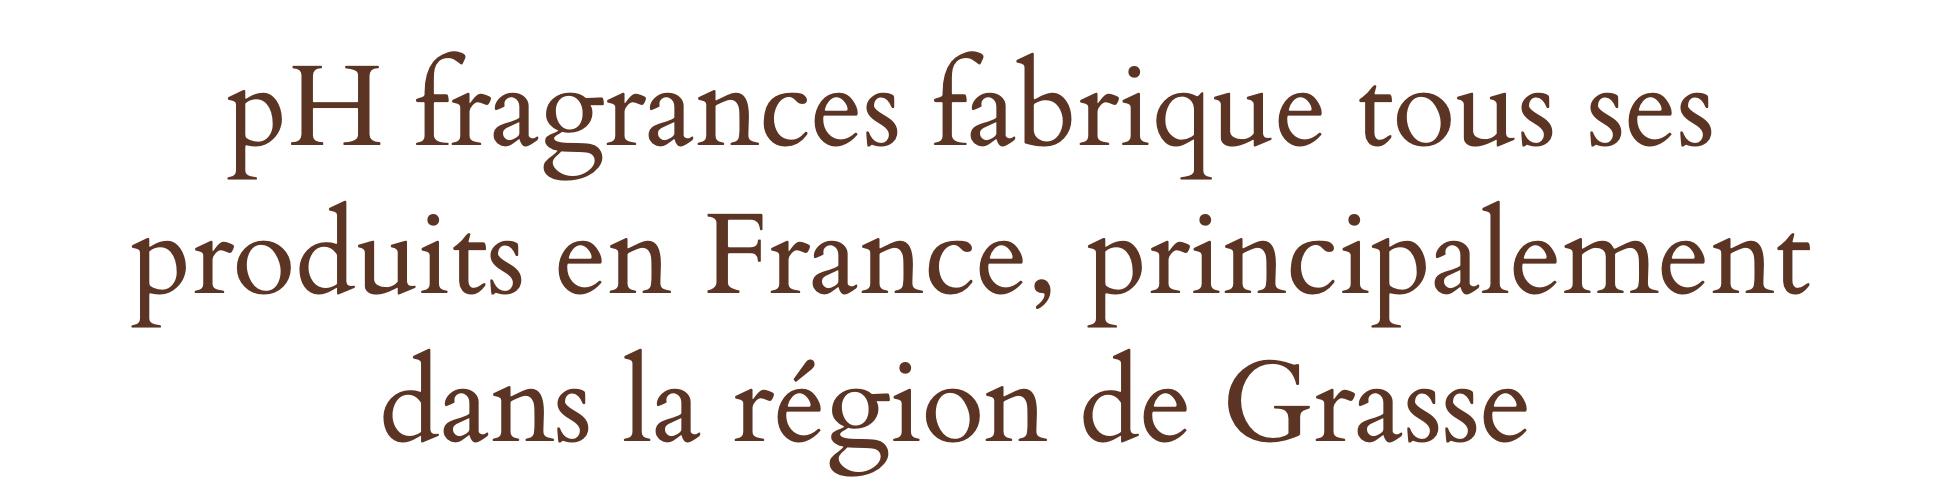 Parfums fabriqué en France